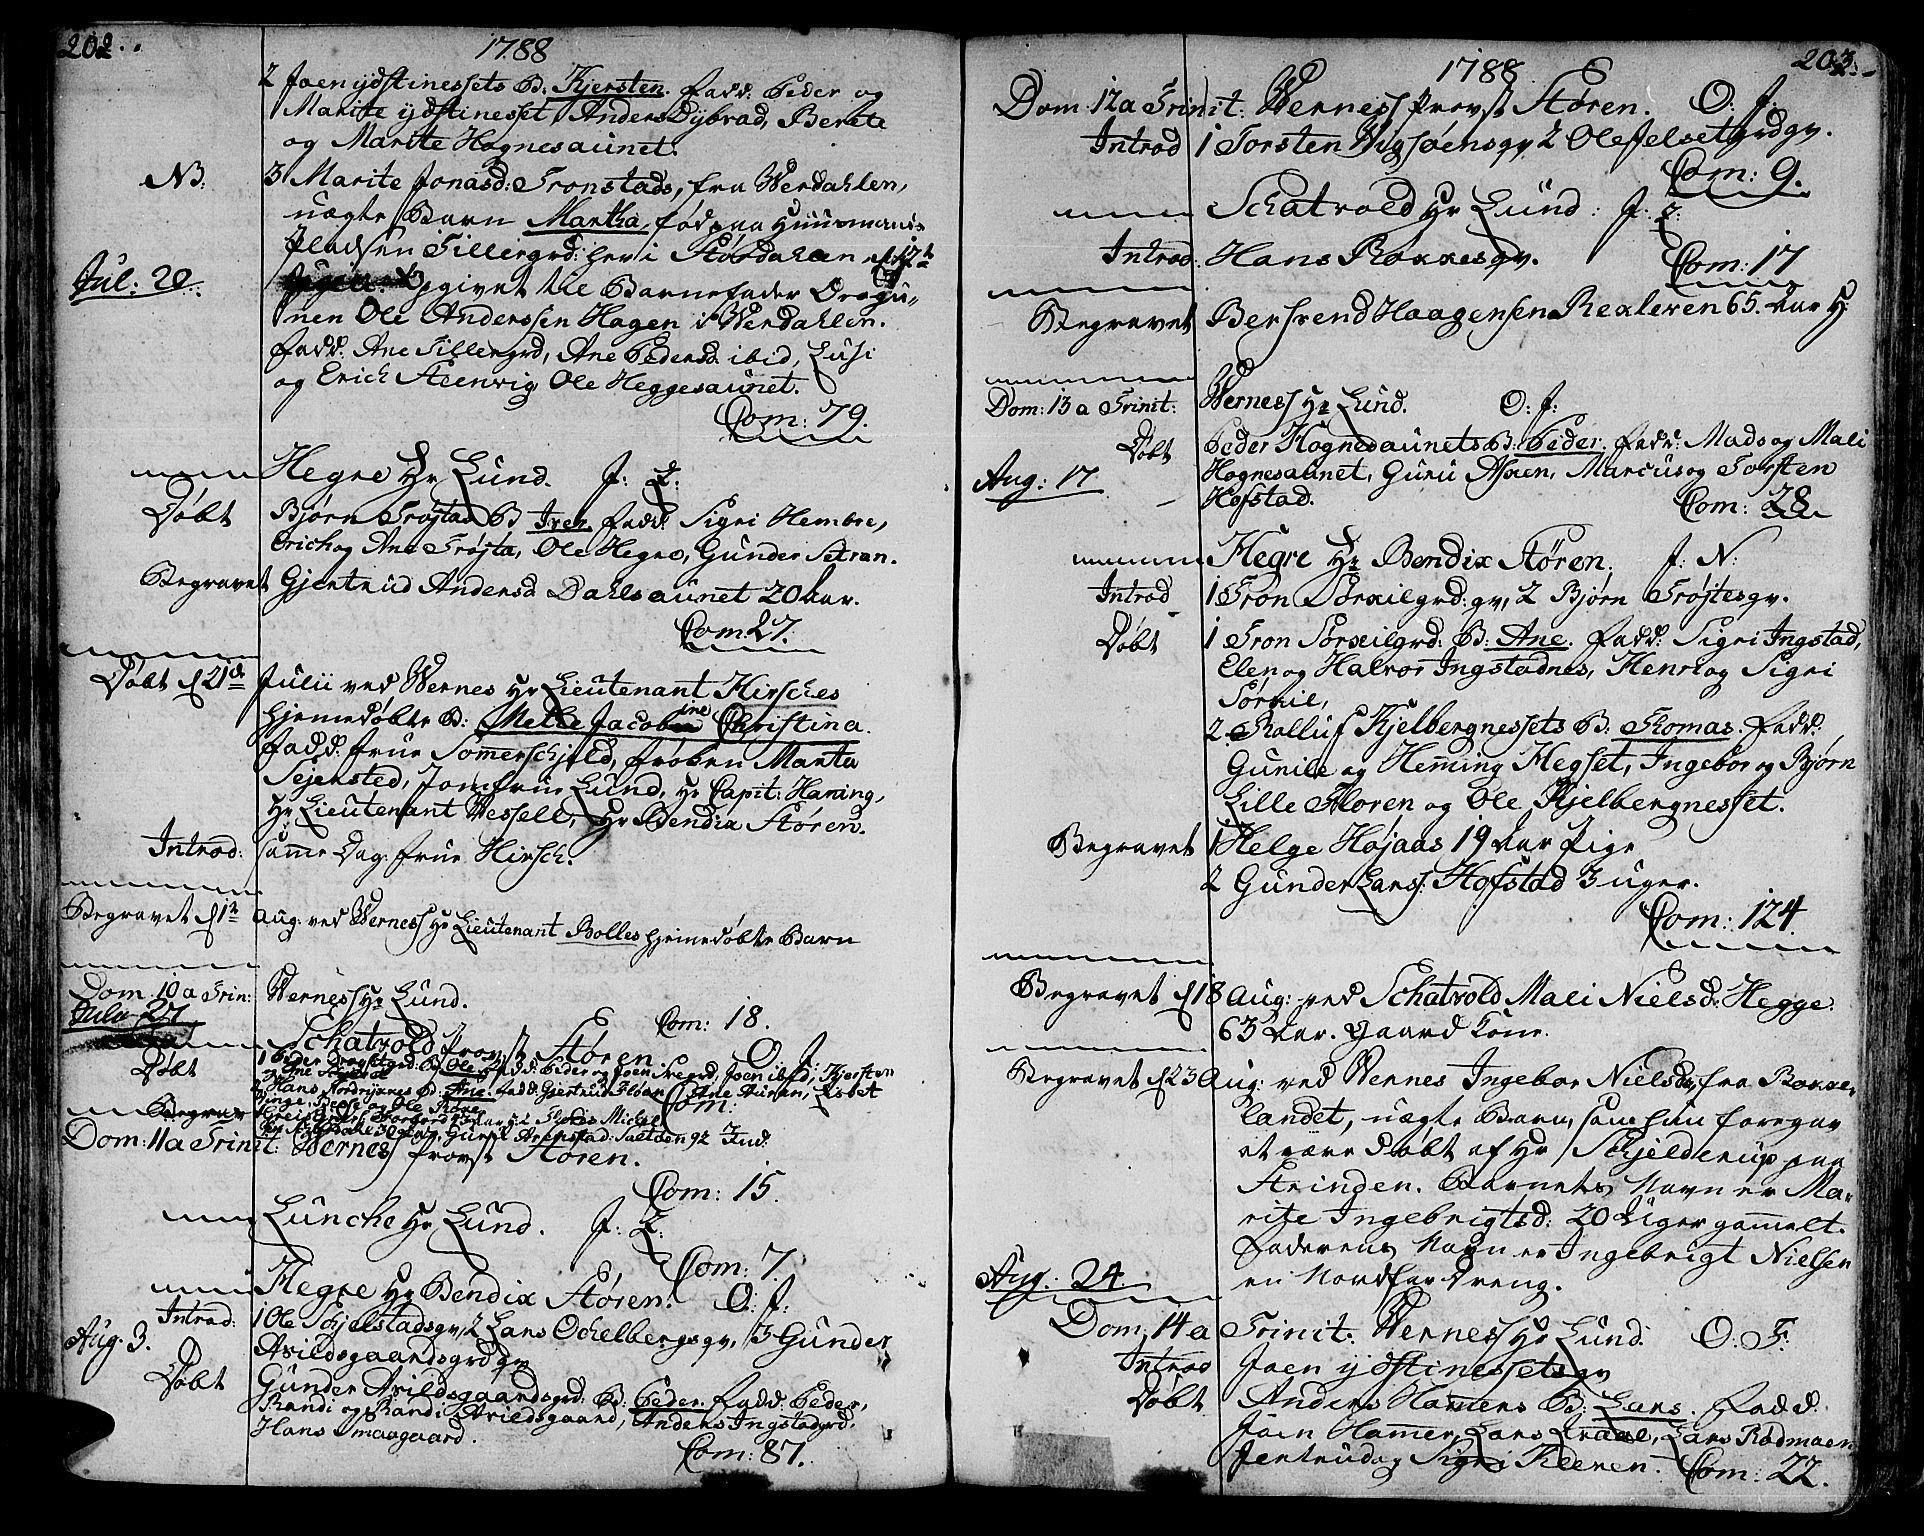 SAT, Ministerialprotokoller, klokkerbøker og fødselsregistre - Nord-Trøndelag, 709/L0059: Ministerialbok nr. 709A06, 1781-1797, s. 202-203